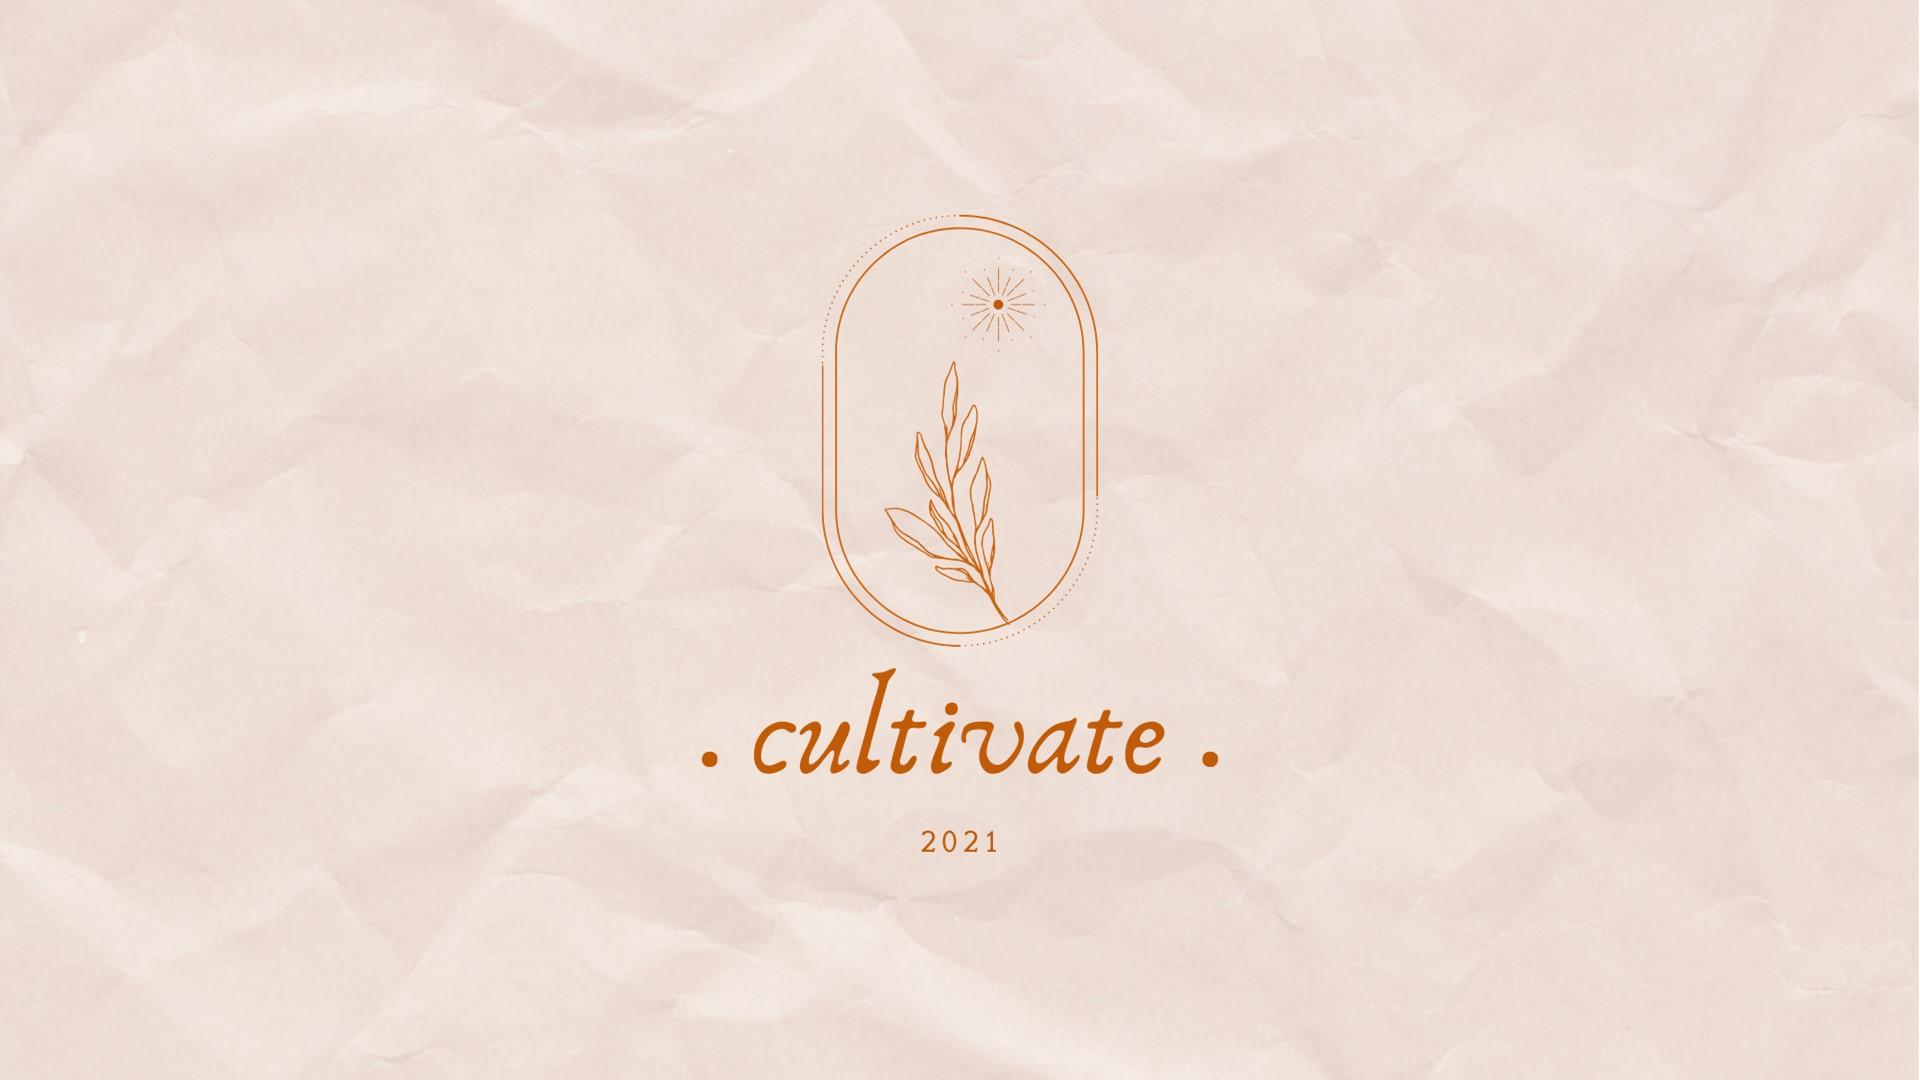 Cultivate 2021